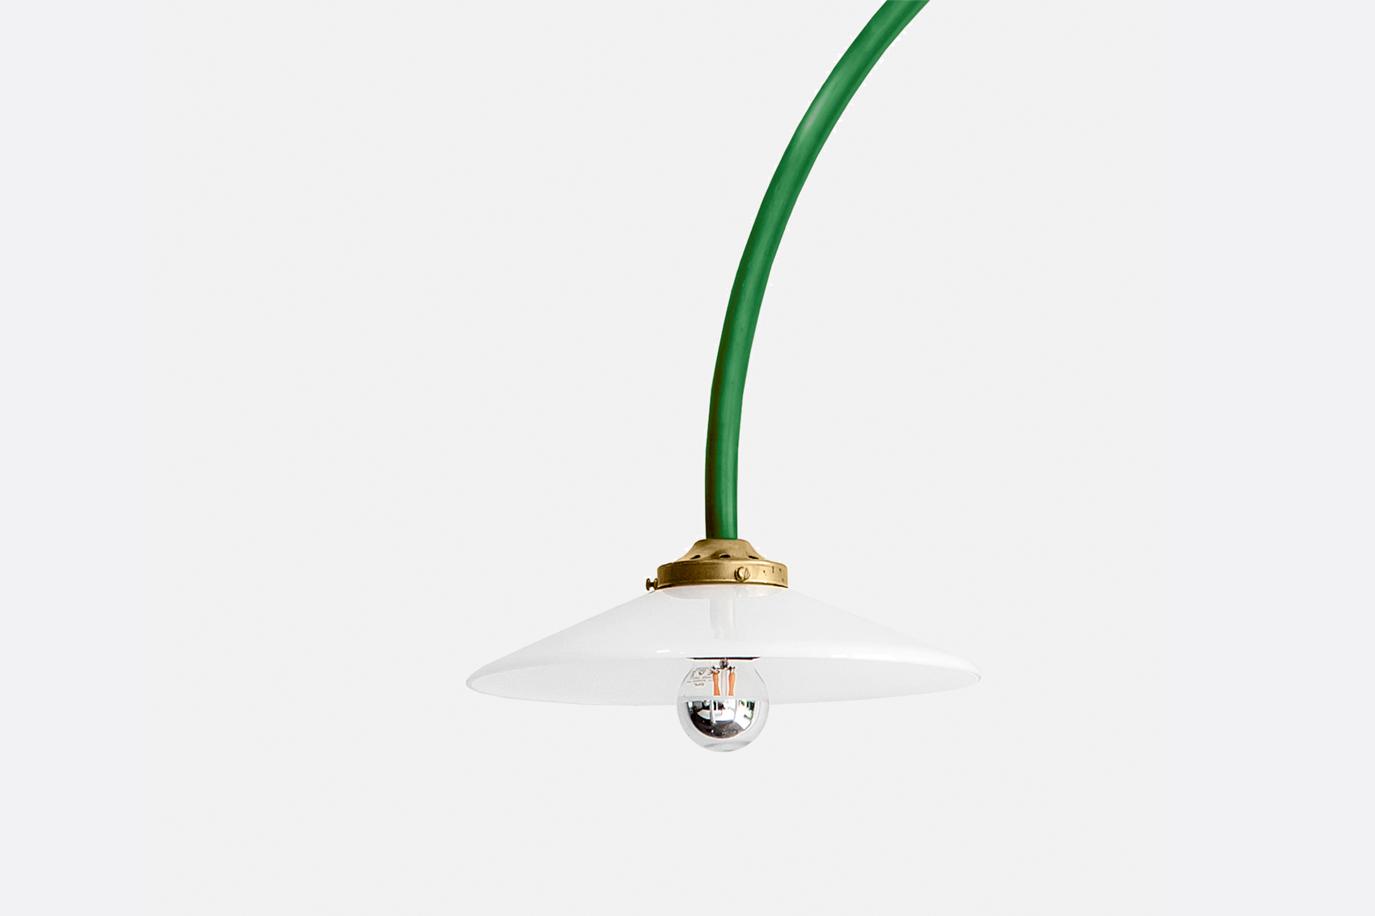 N1 Standing lamp